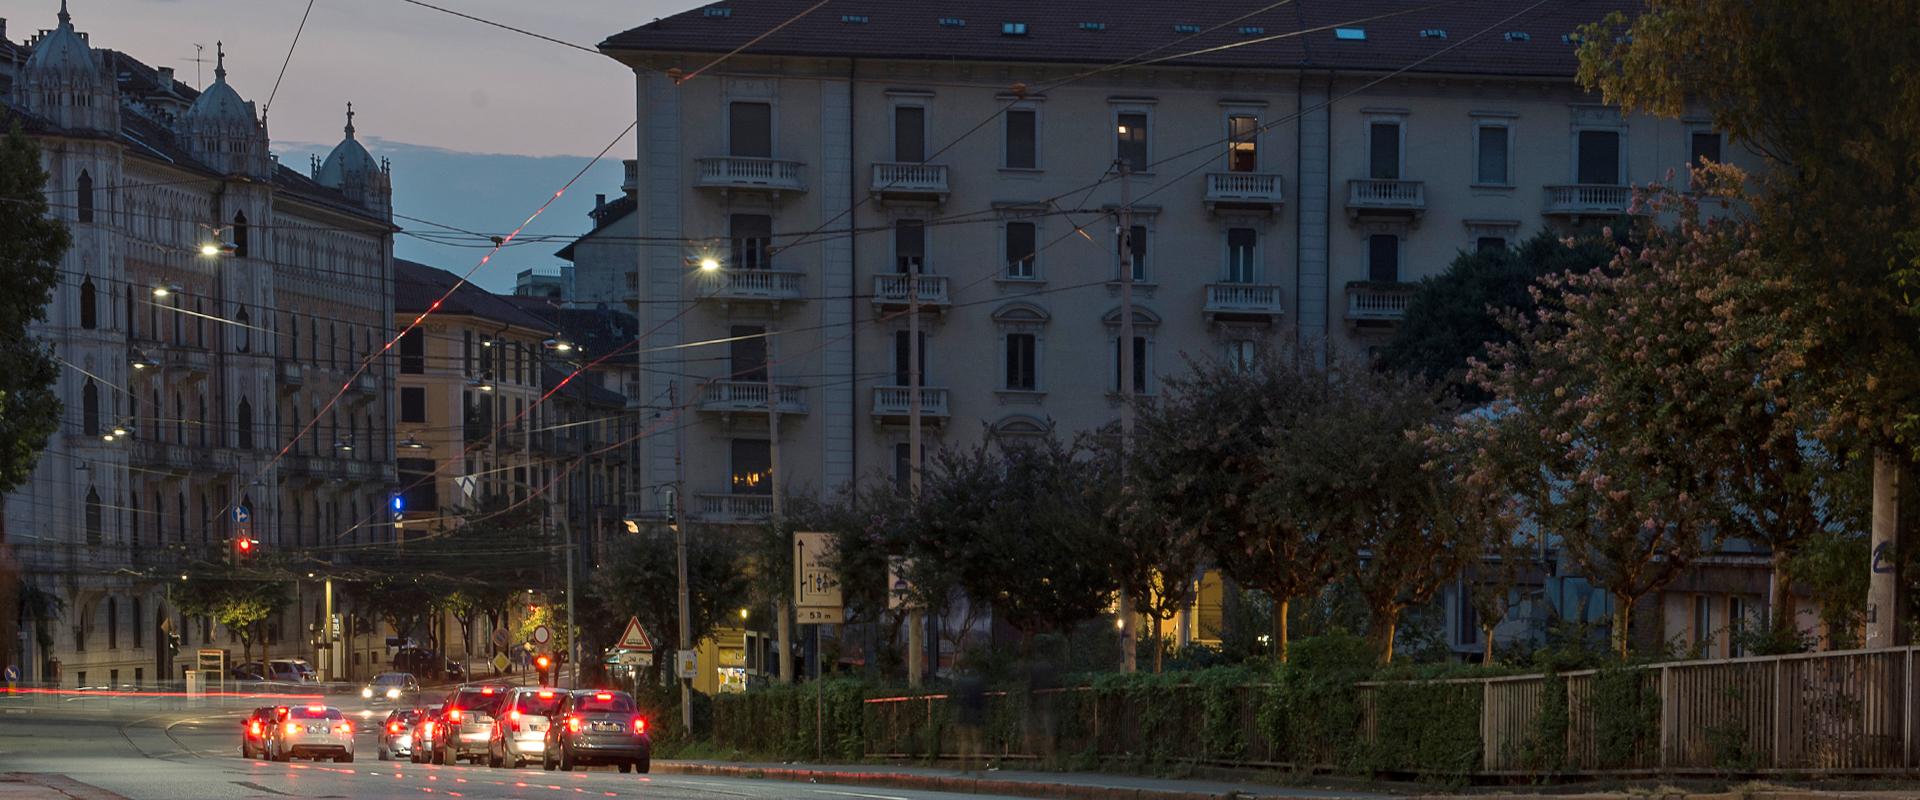 Illuminazione LED stradale e urbana a tesata